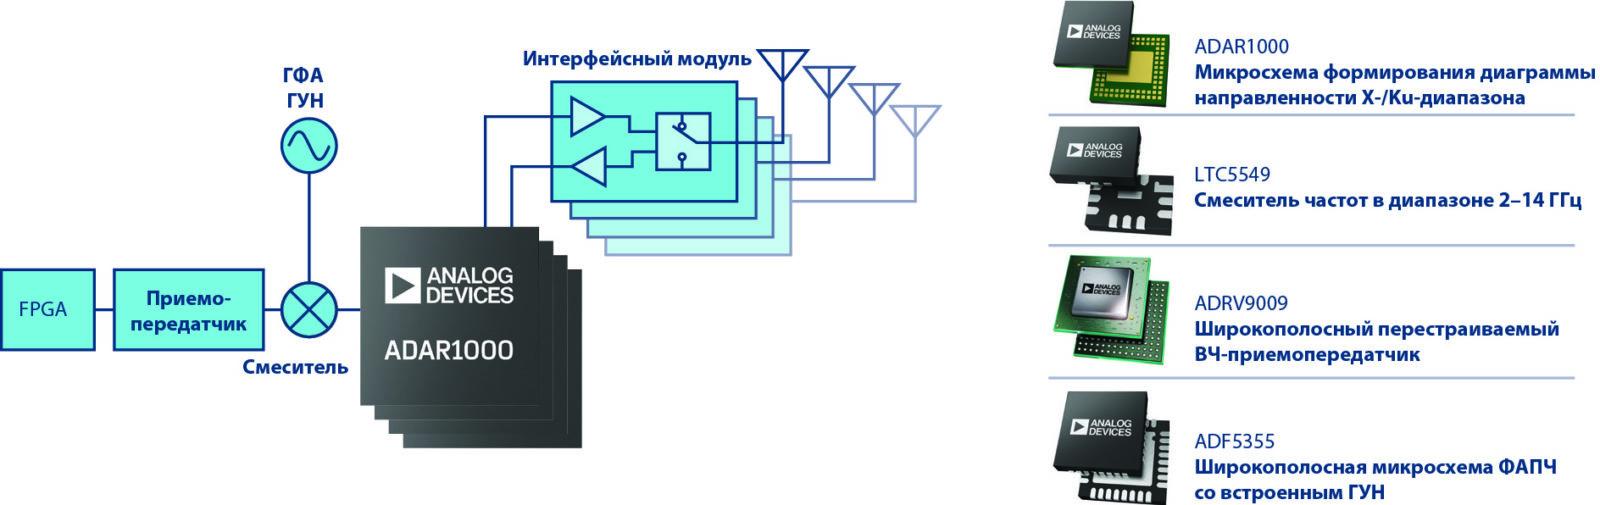 Узнать больше о возможностях ADI в области фазированных антенных решеток можно на analog.com/ru/phasedarray